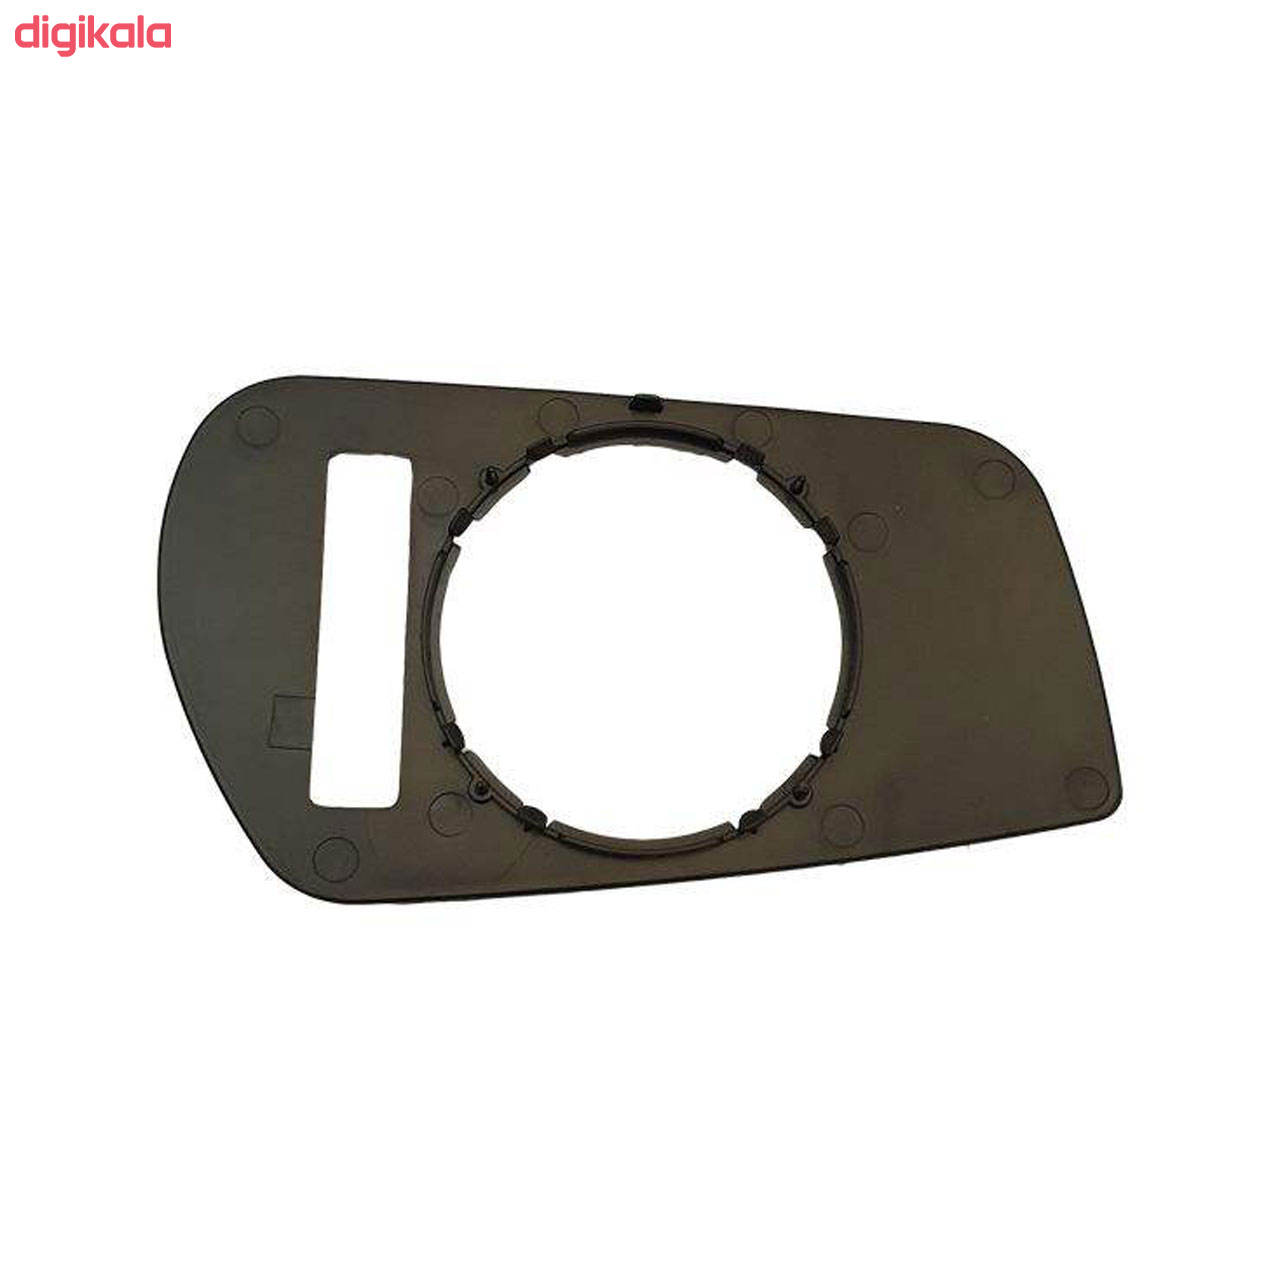 شیشه آینه جانبی راست خودرو تی بی ای  مدل T10-82031 مناسب برای پژو 207 main 1 1